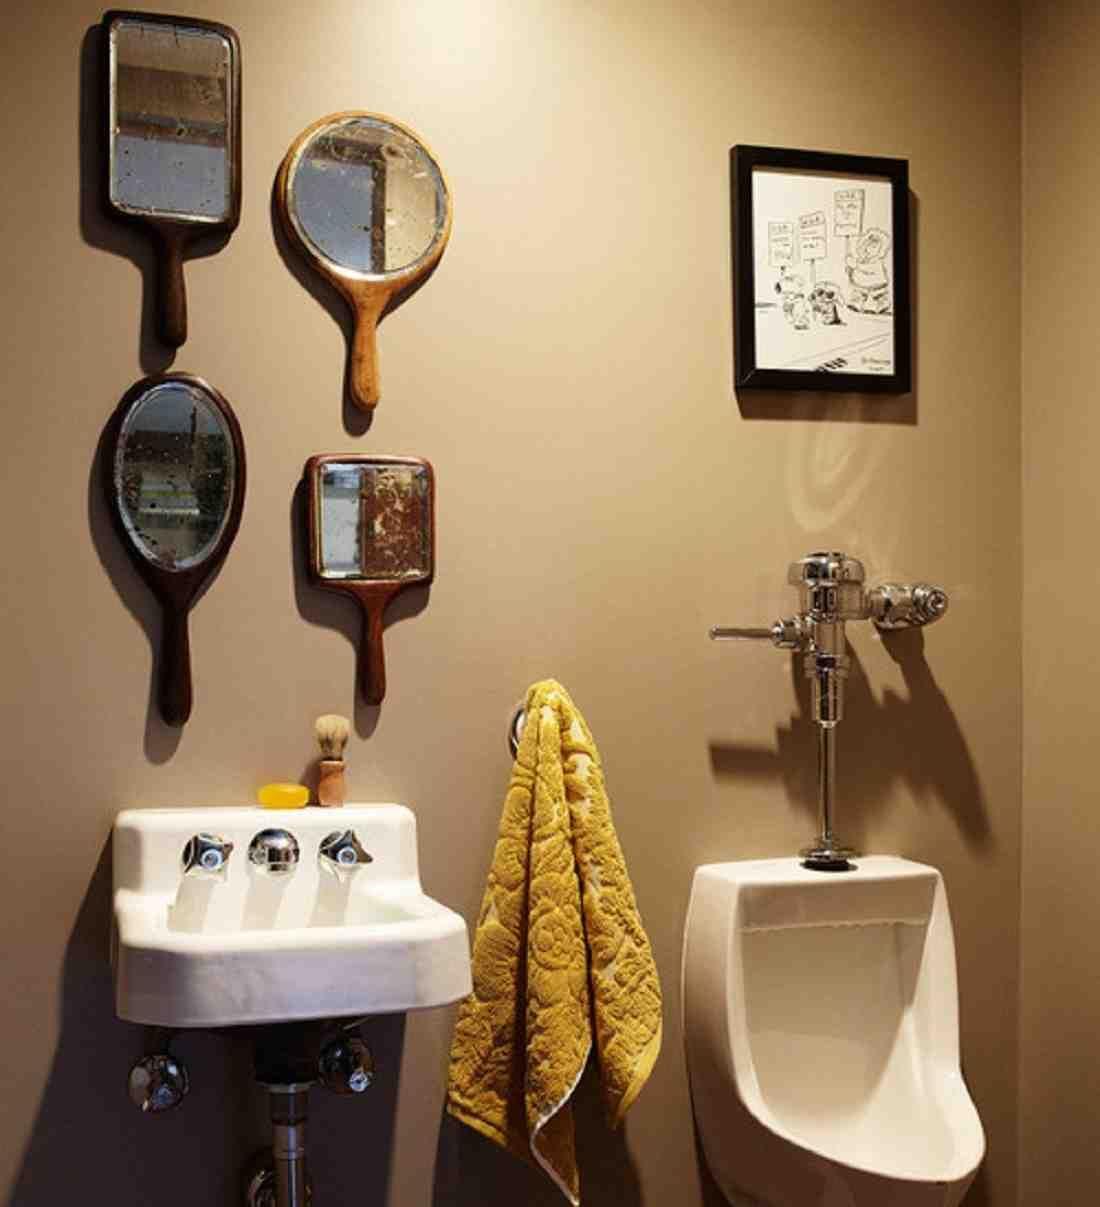 Outstanding Pinterest Bathroom Wall Decor Crest - The Wall Art ...